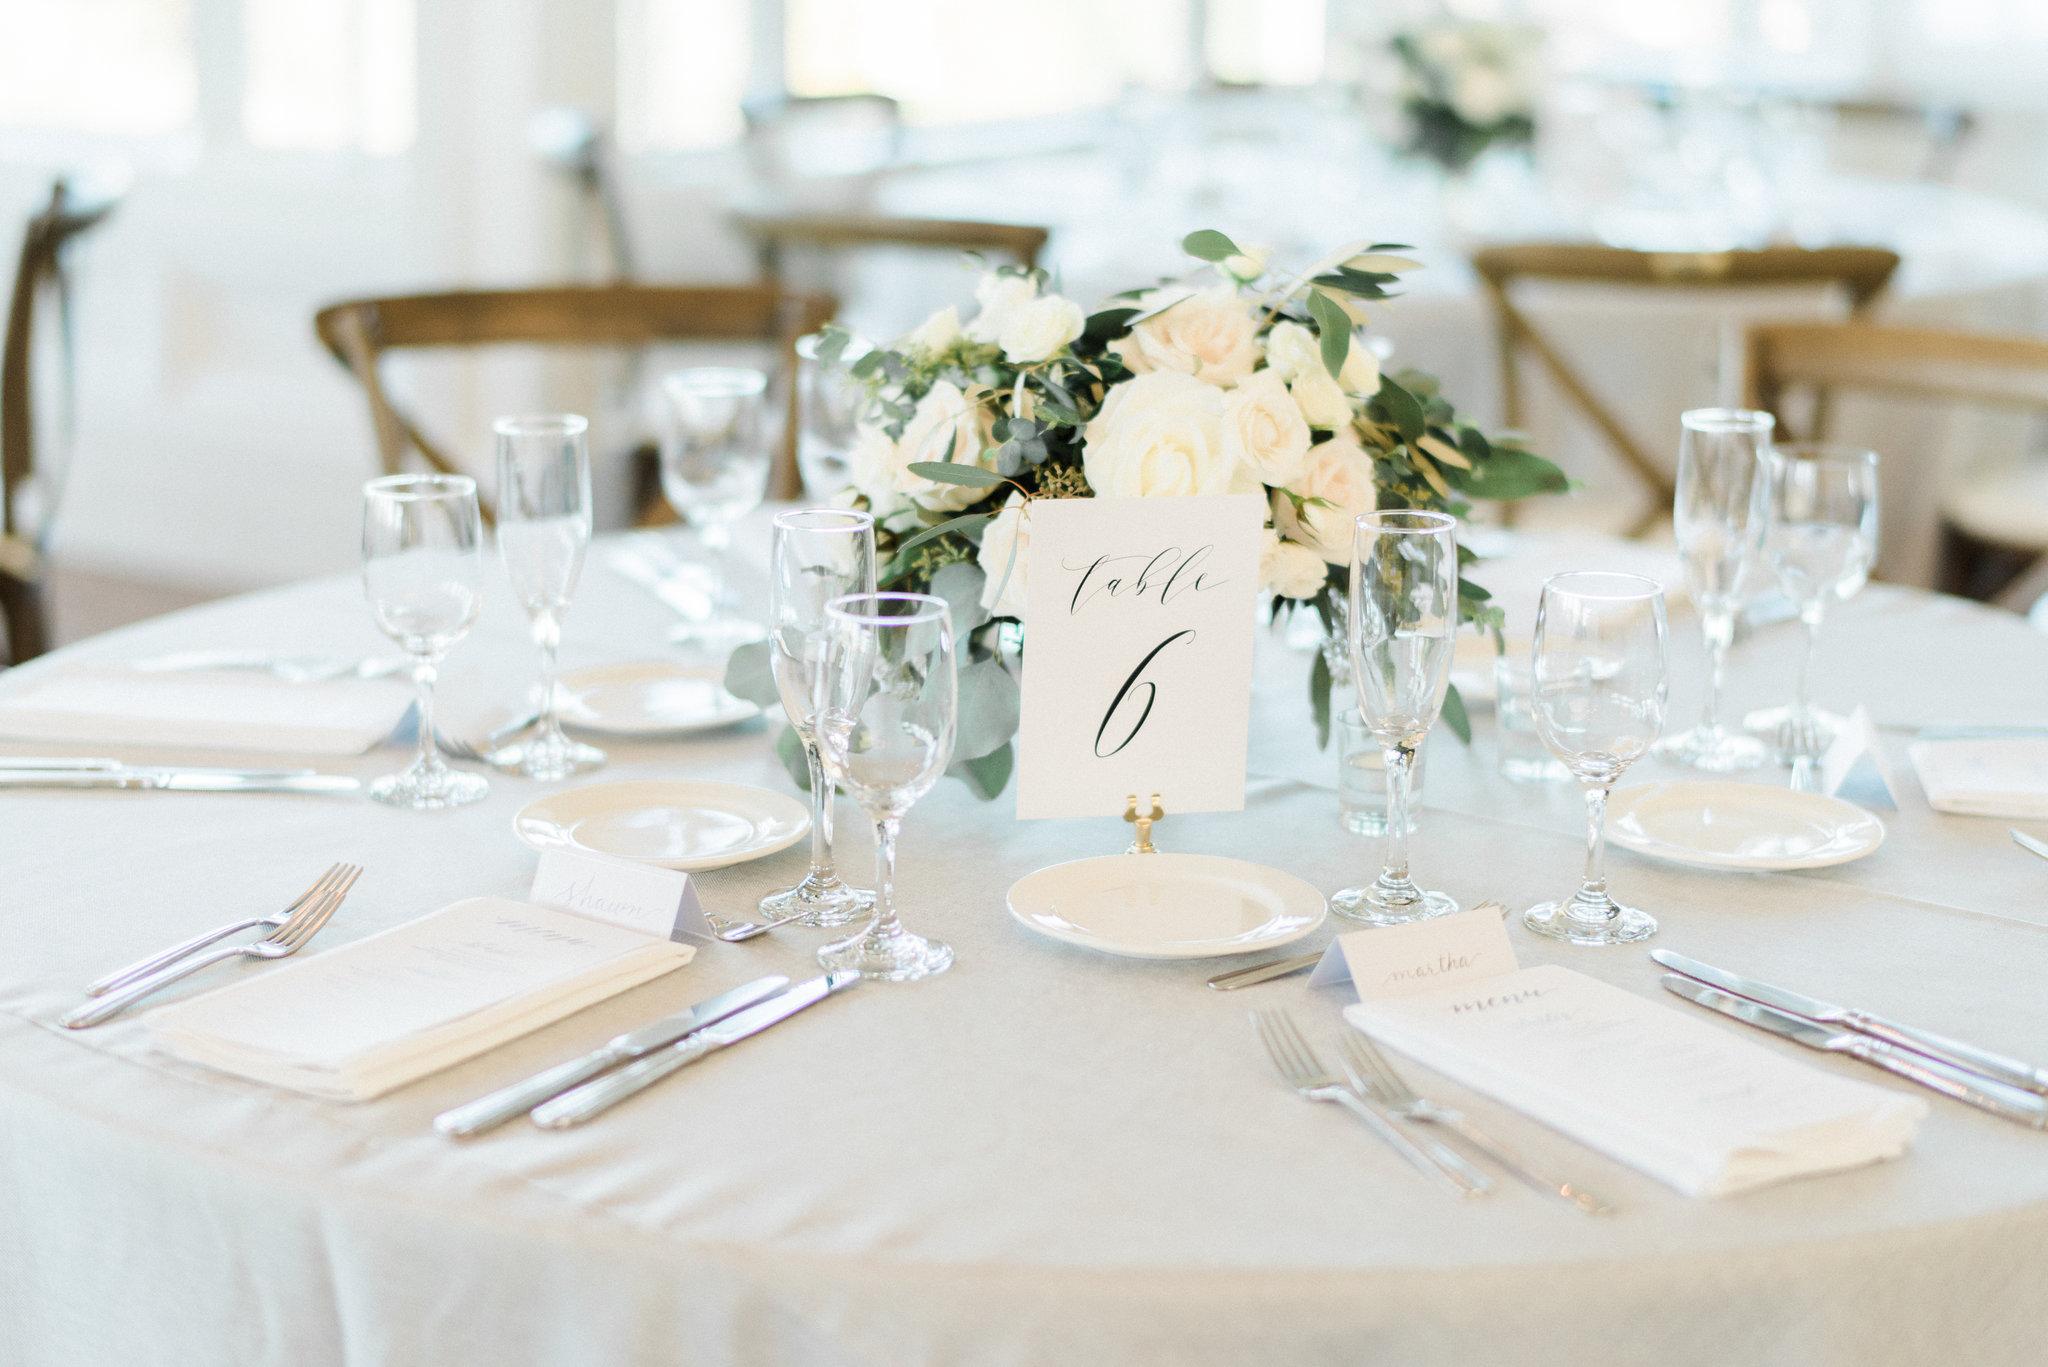 laurenandjake-wedding-584.jpg